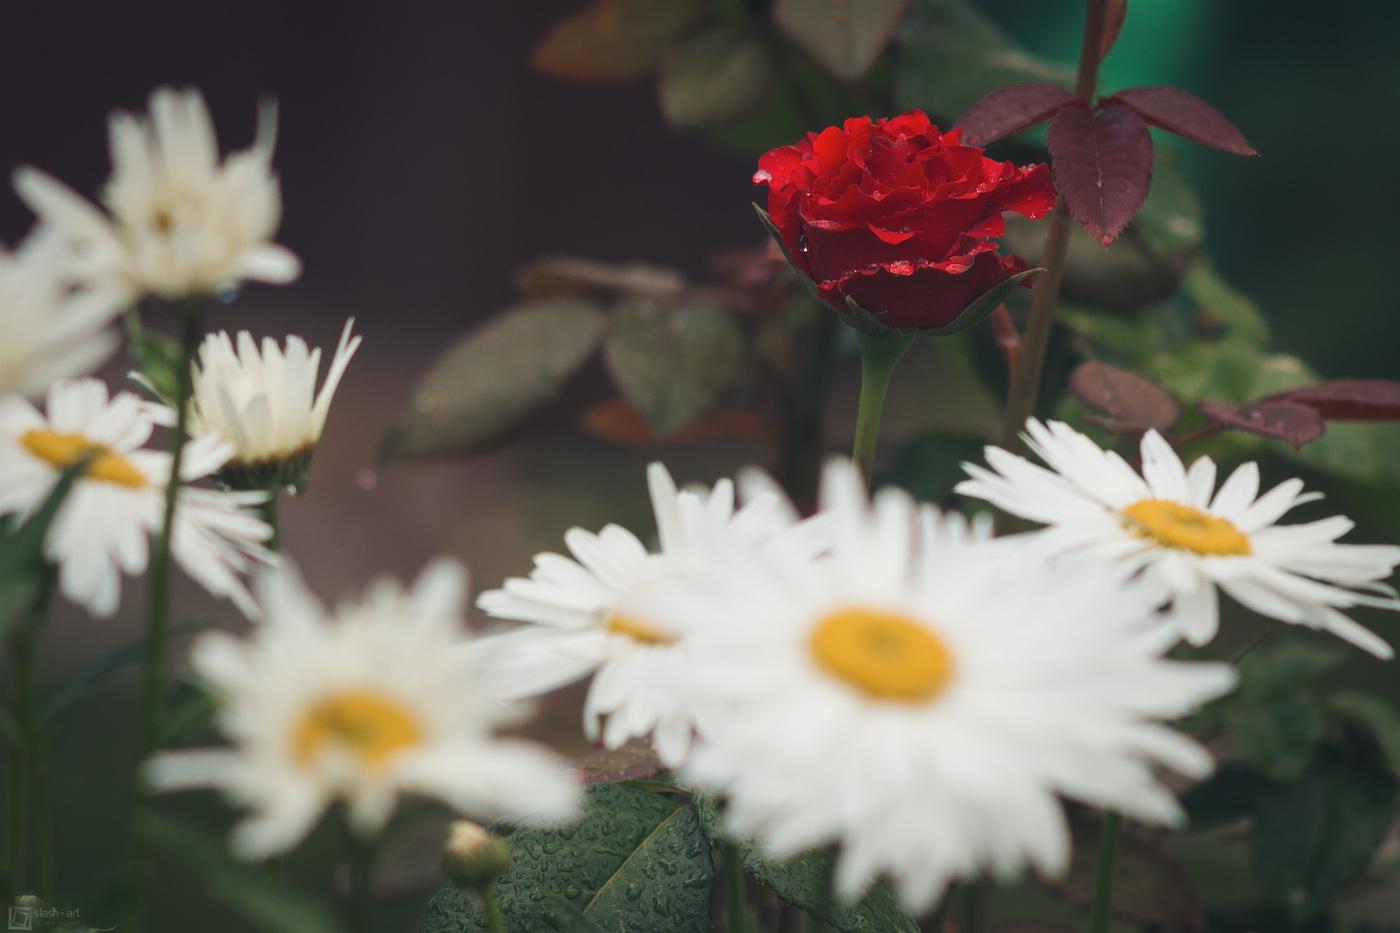 изысканный, ромашка среди роз фото обожают оригинальные вещи